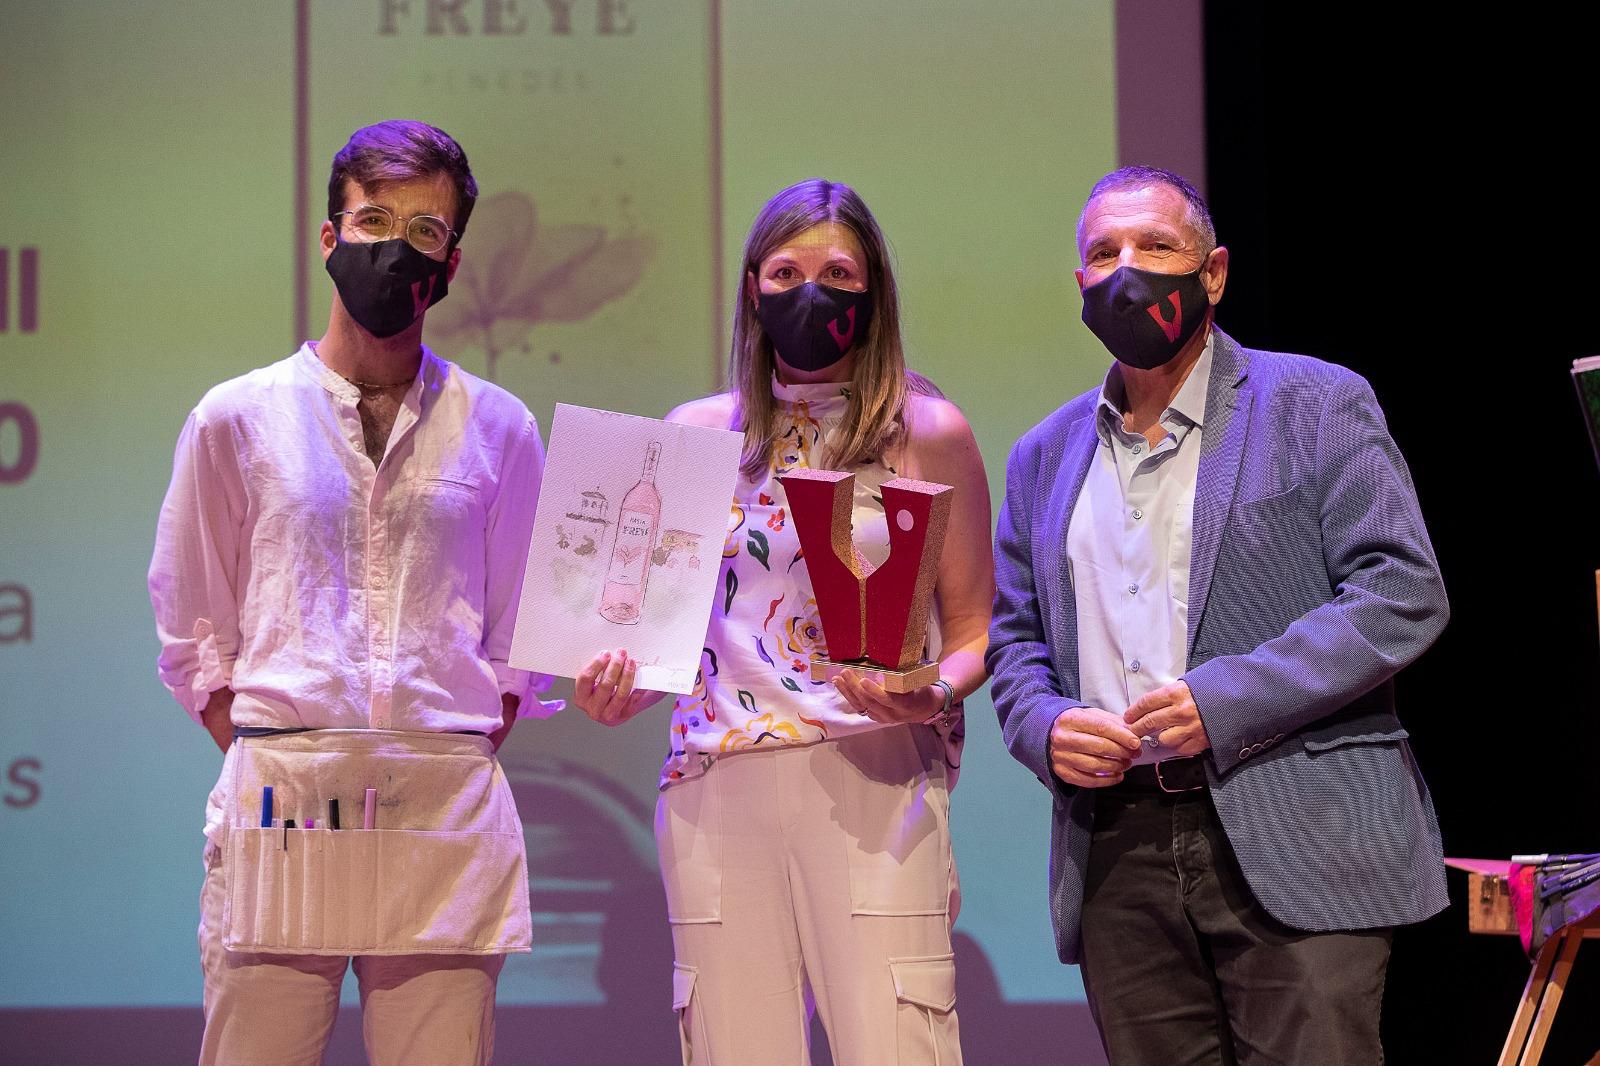 Gala d'Estiu dels Premis Vinari 2021 | Jordi Play